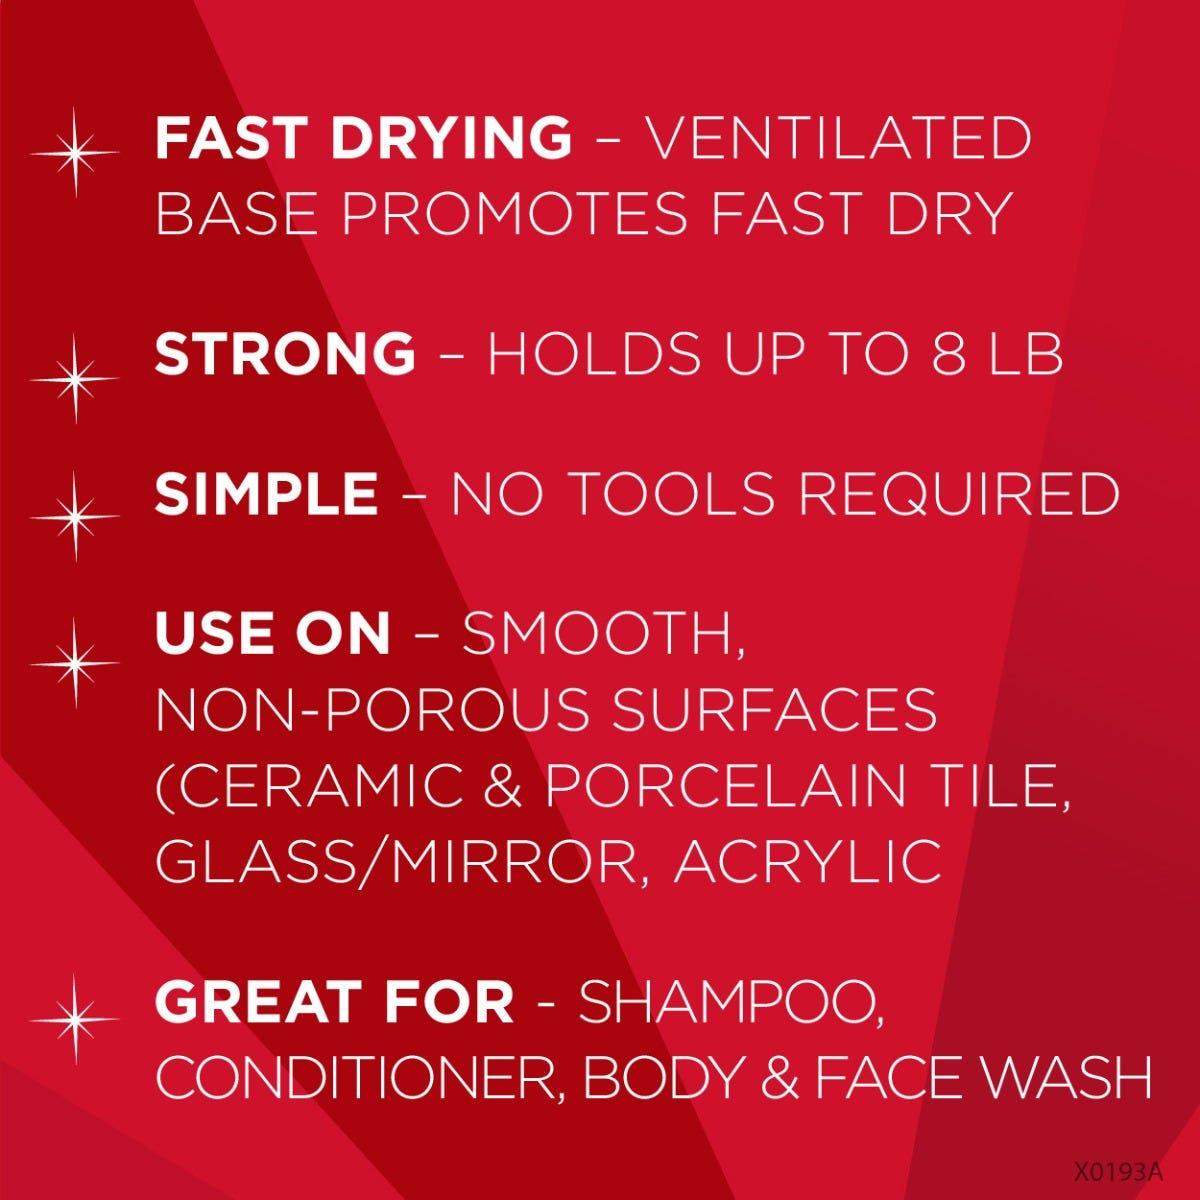 https://googone.com/media/catalog/product/s/u/suction_cup_shower_basket_benefits.jpg